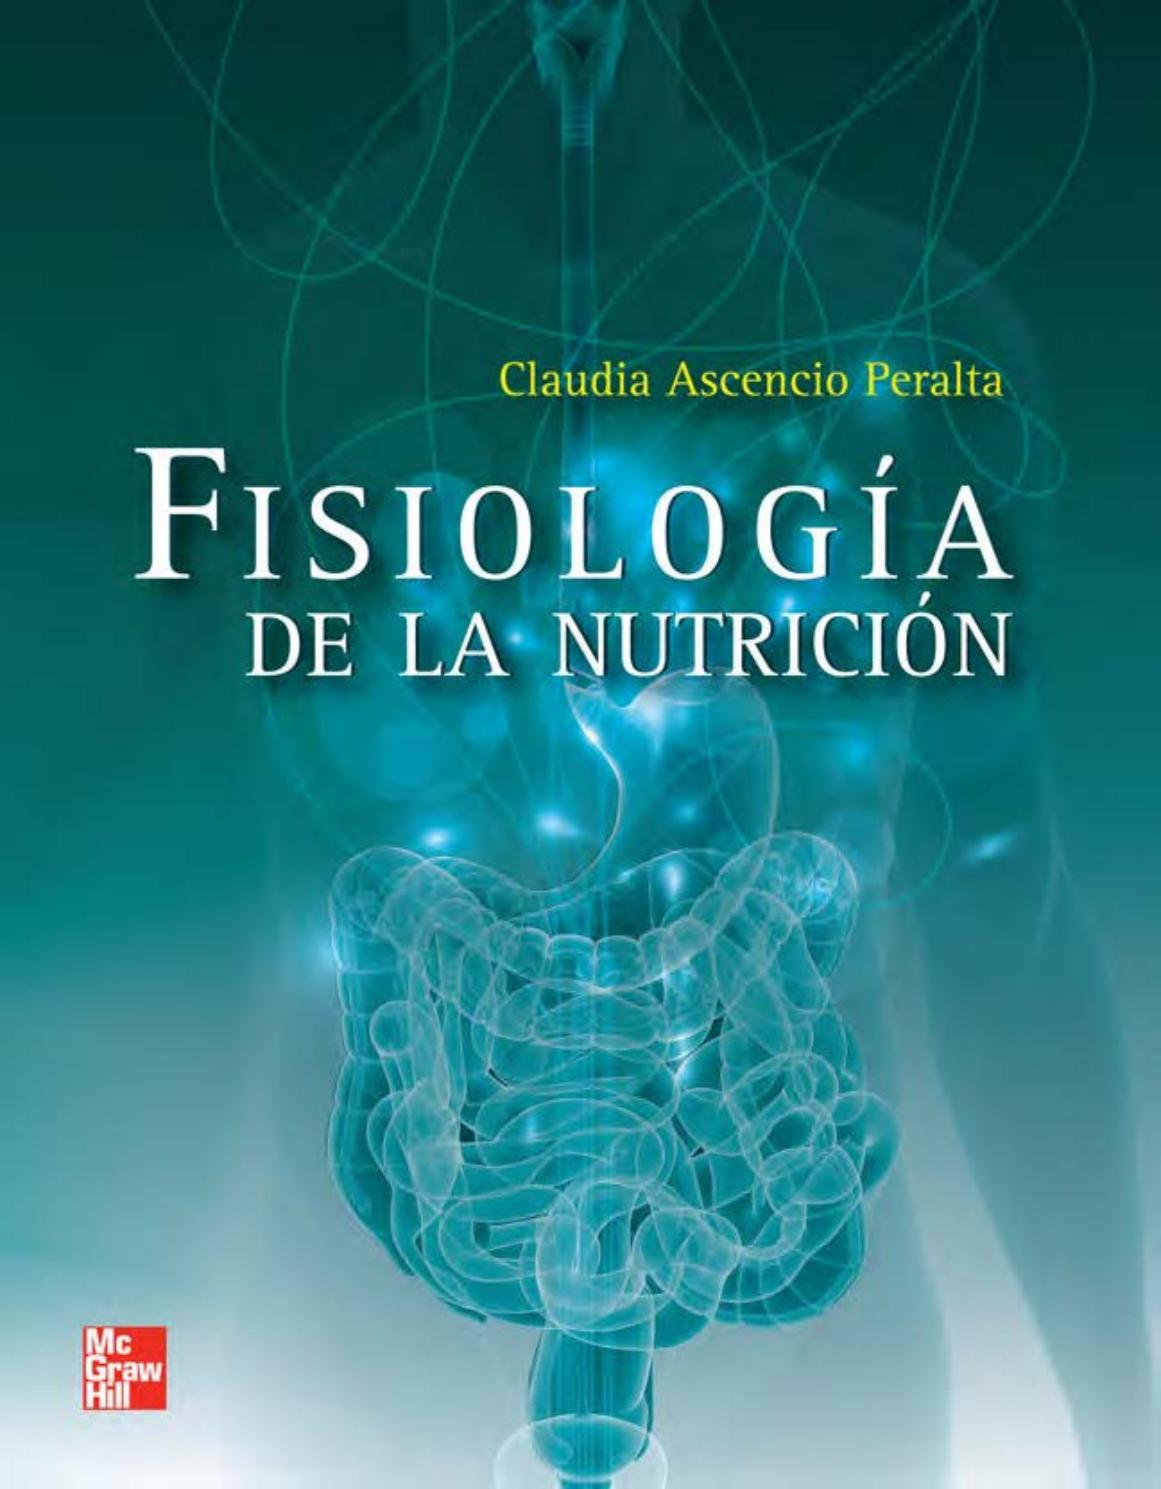 Fisiología de la nutricion by Elhenah Bardales - issuu